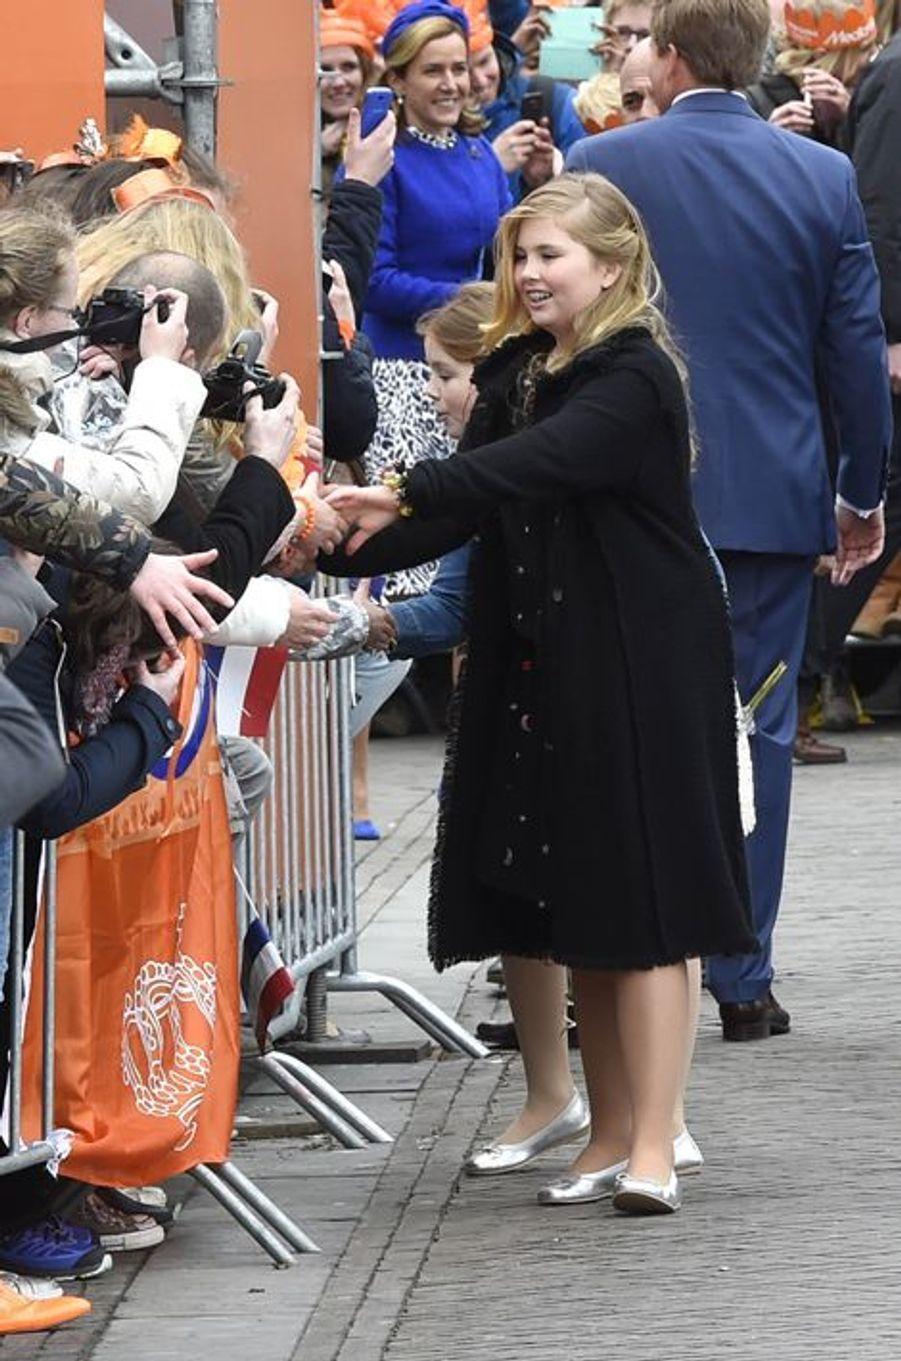 Les princesses Catharina-Amalia et Alexia des Pays-Bas à Zwolle, le 27 avril 2016